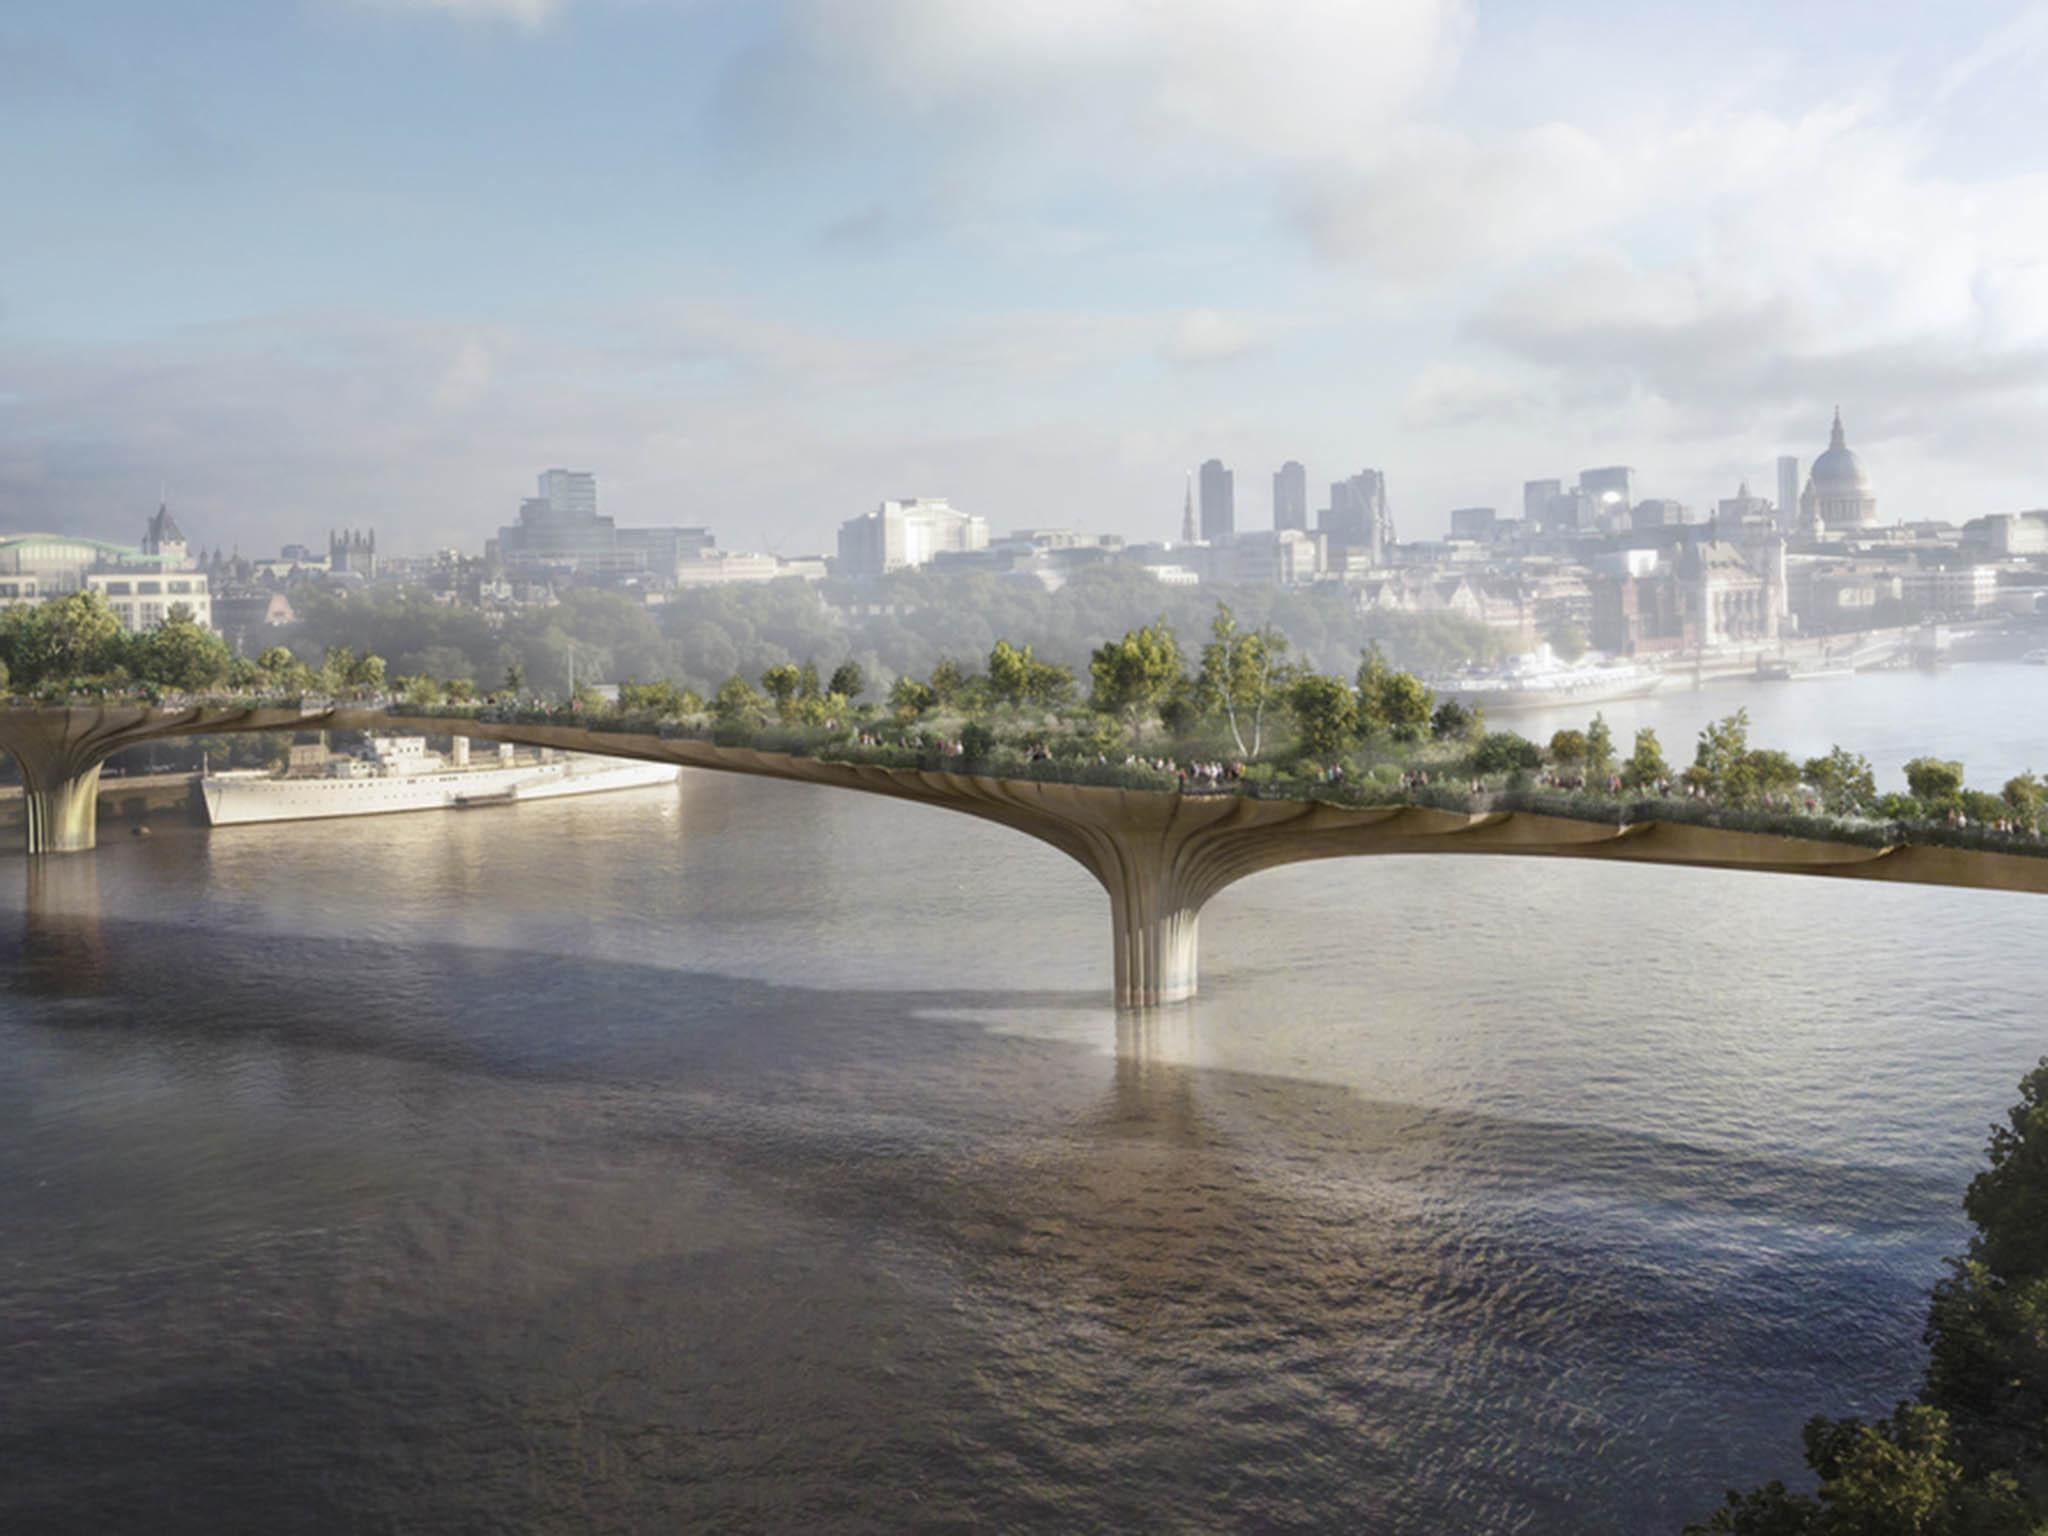 London S Garden Bridge City Centre Haven Or A Bridge Too